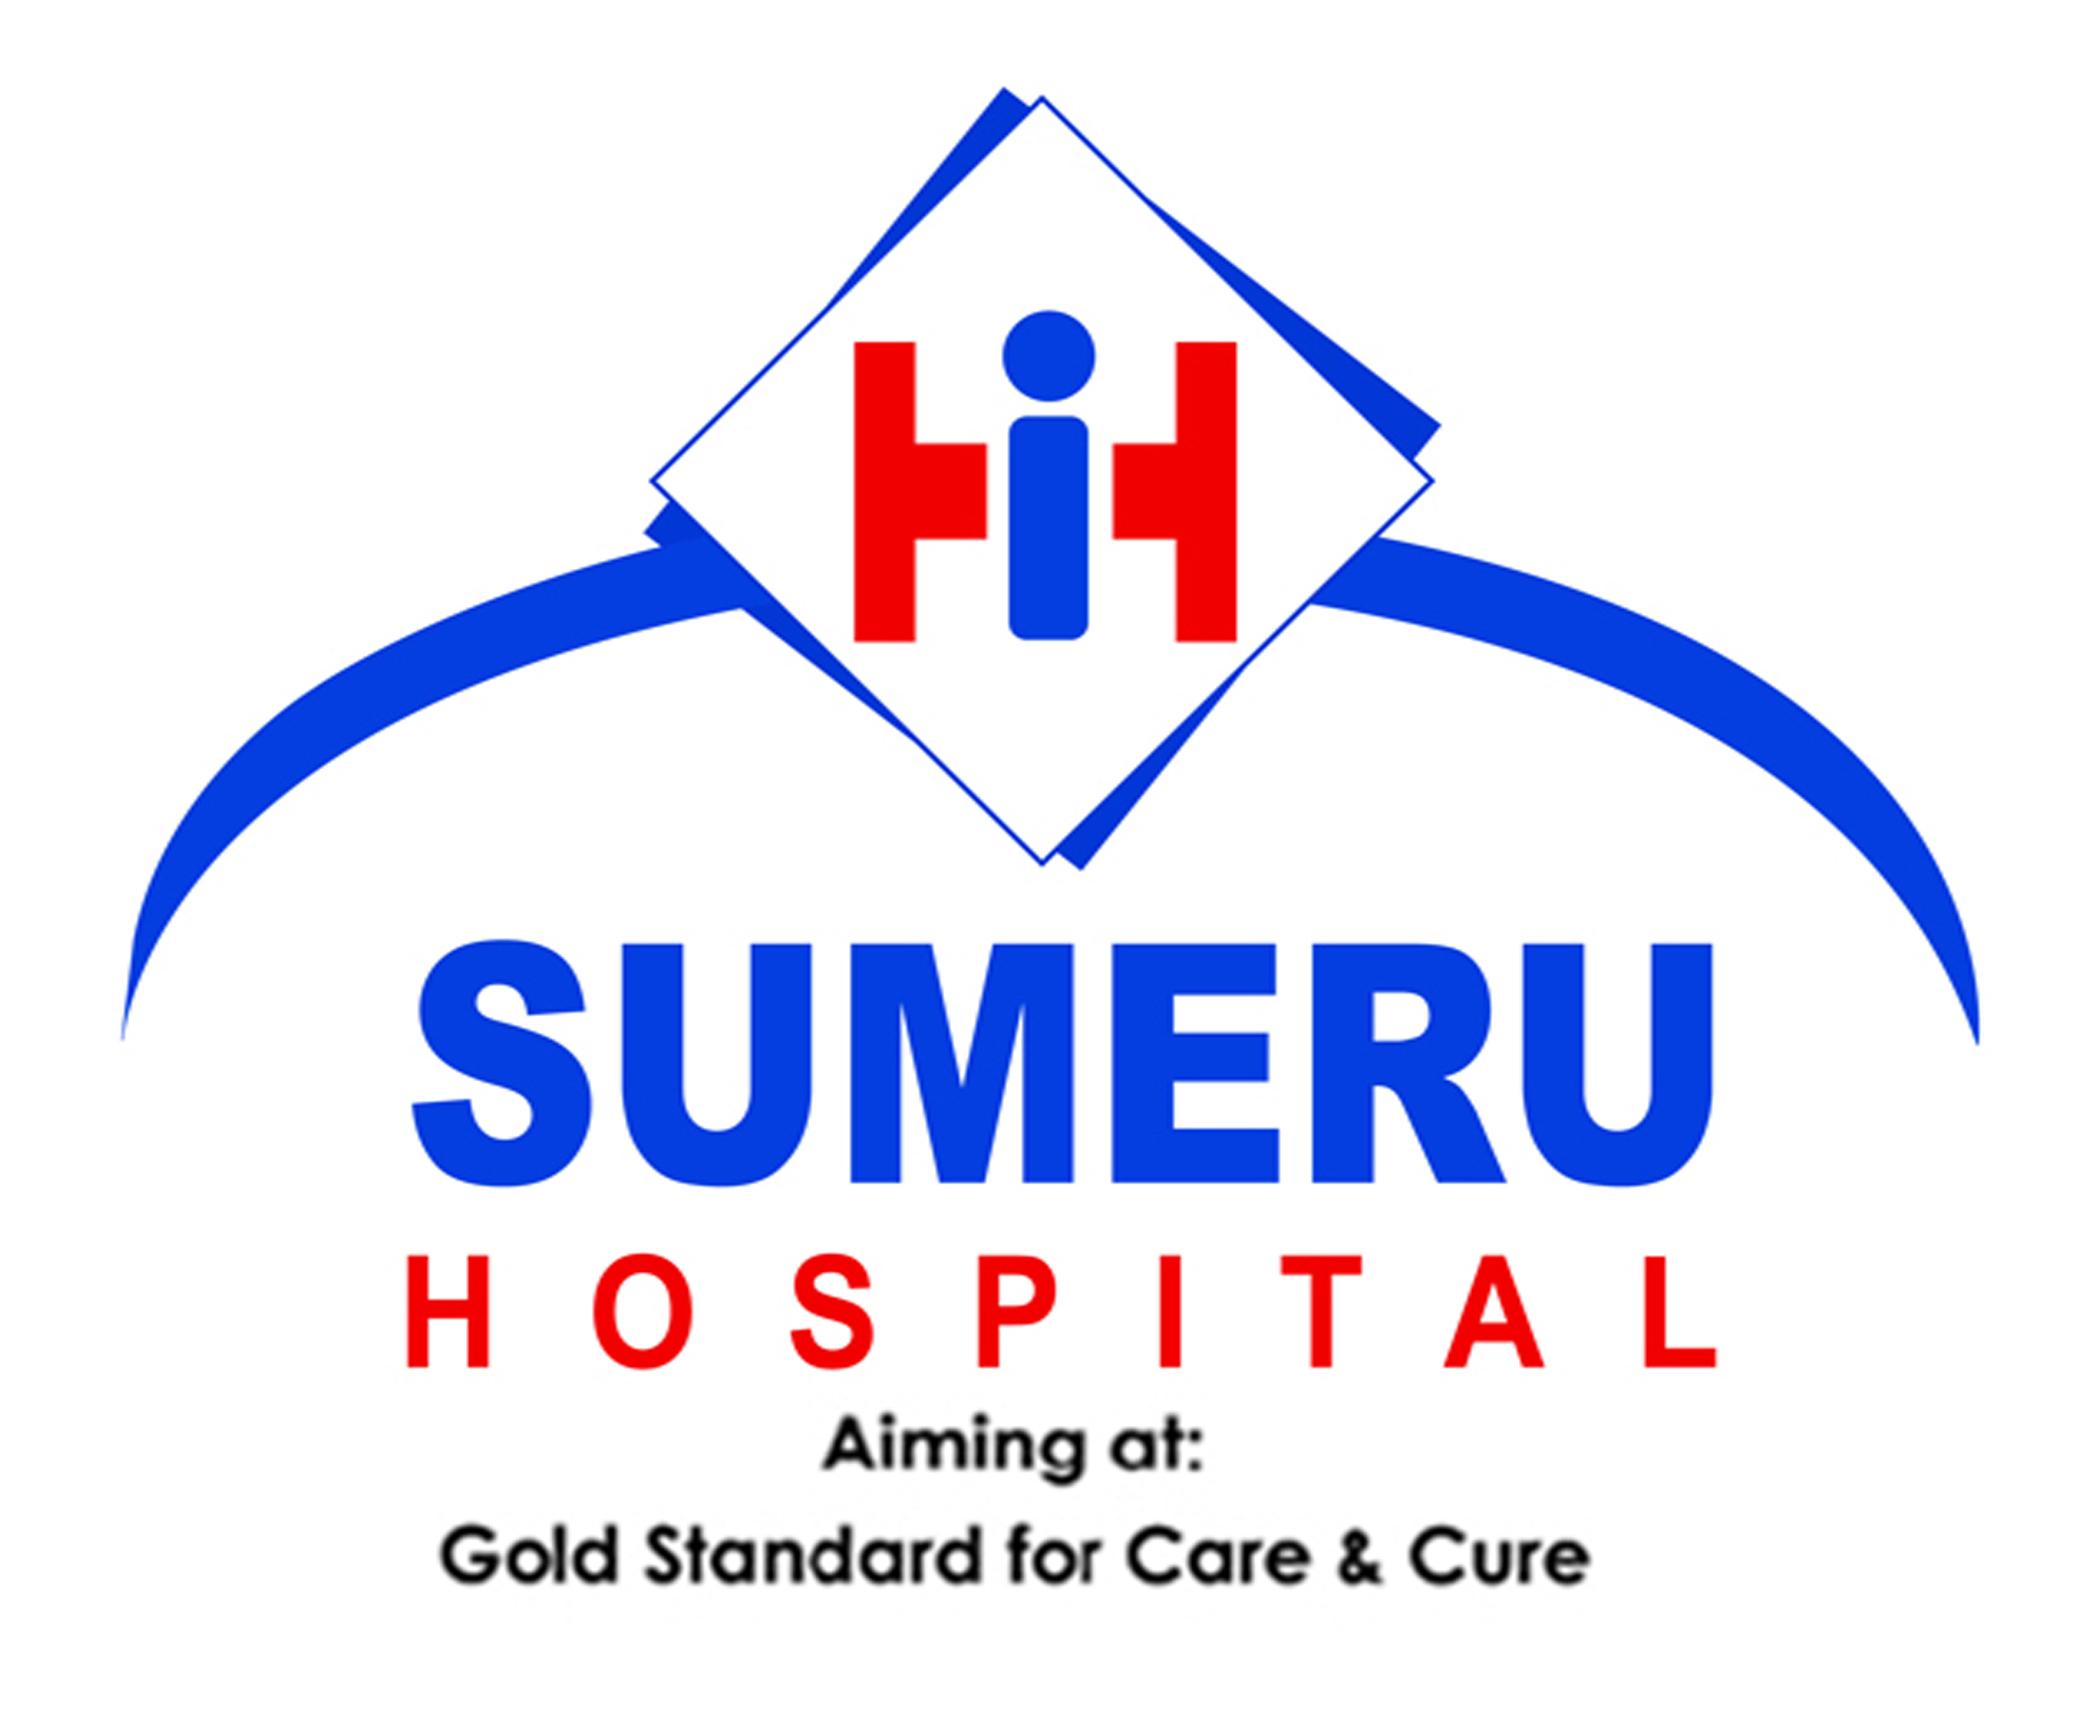 Sumeru Hospital